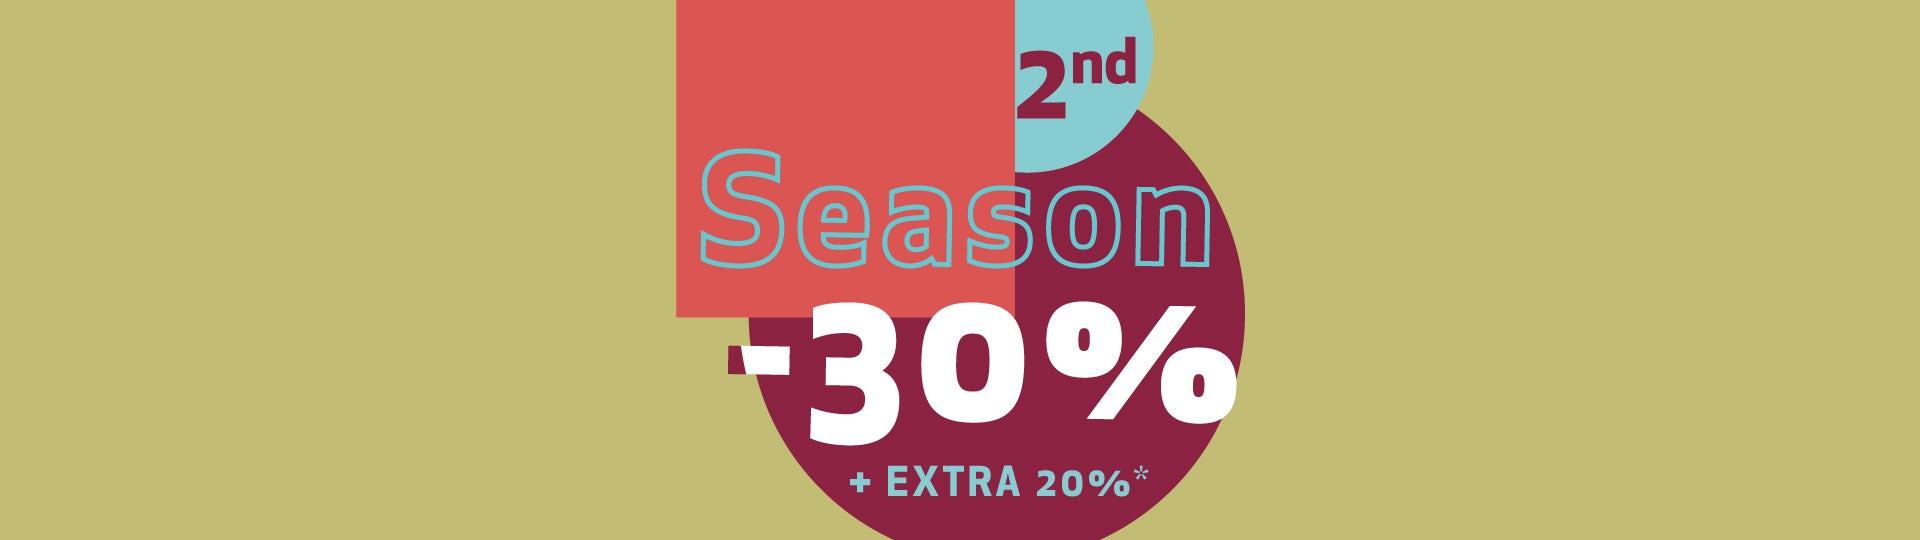 второй сезон - 30%